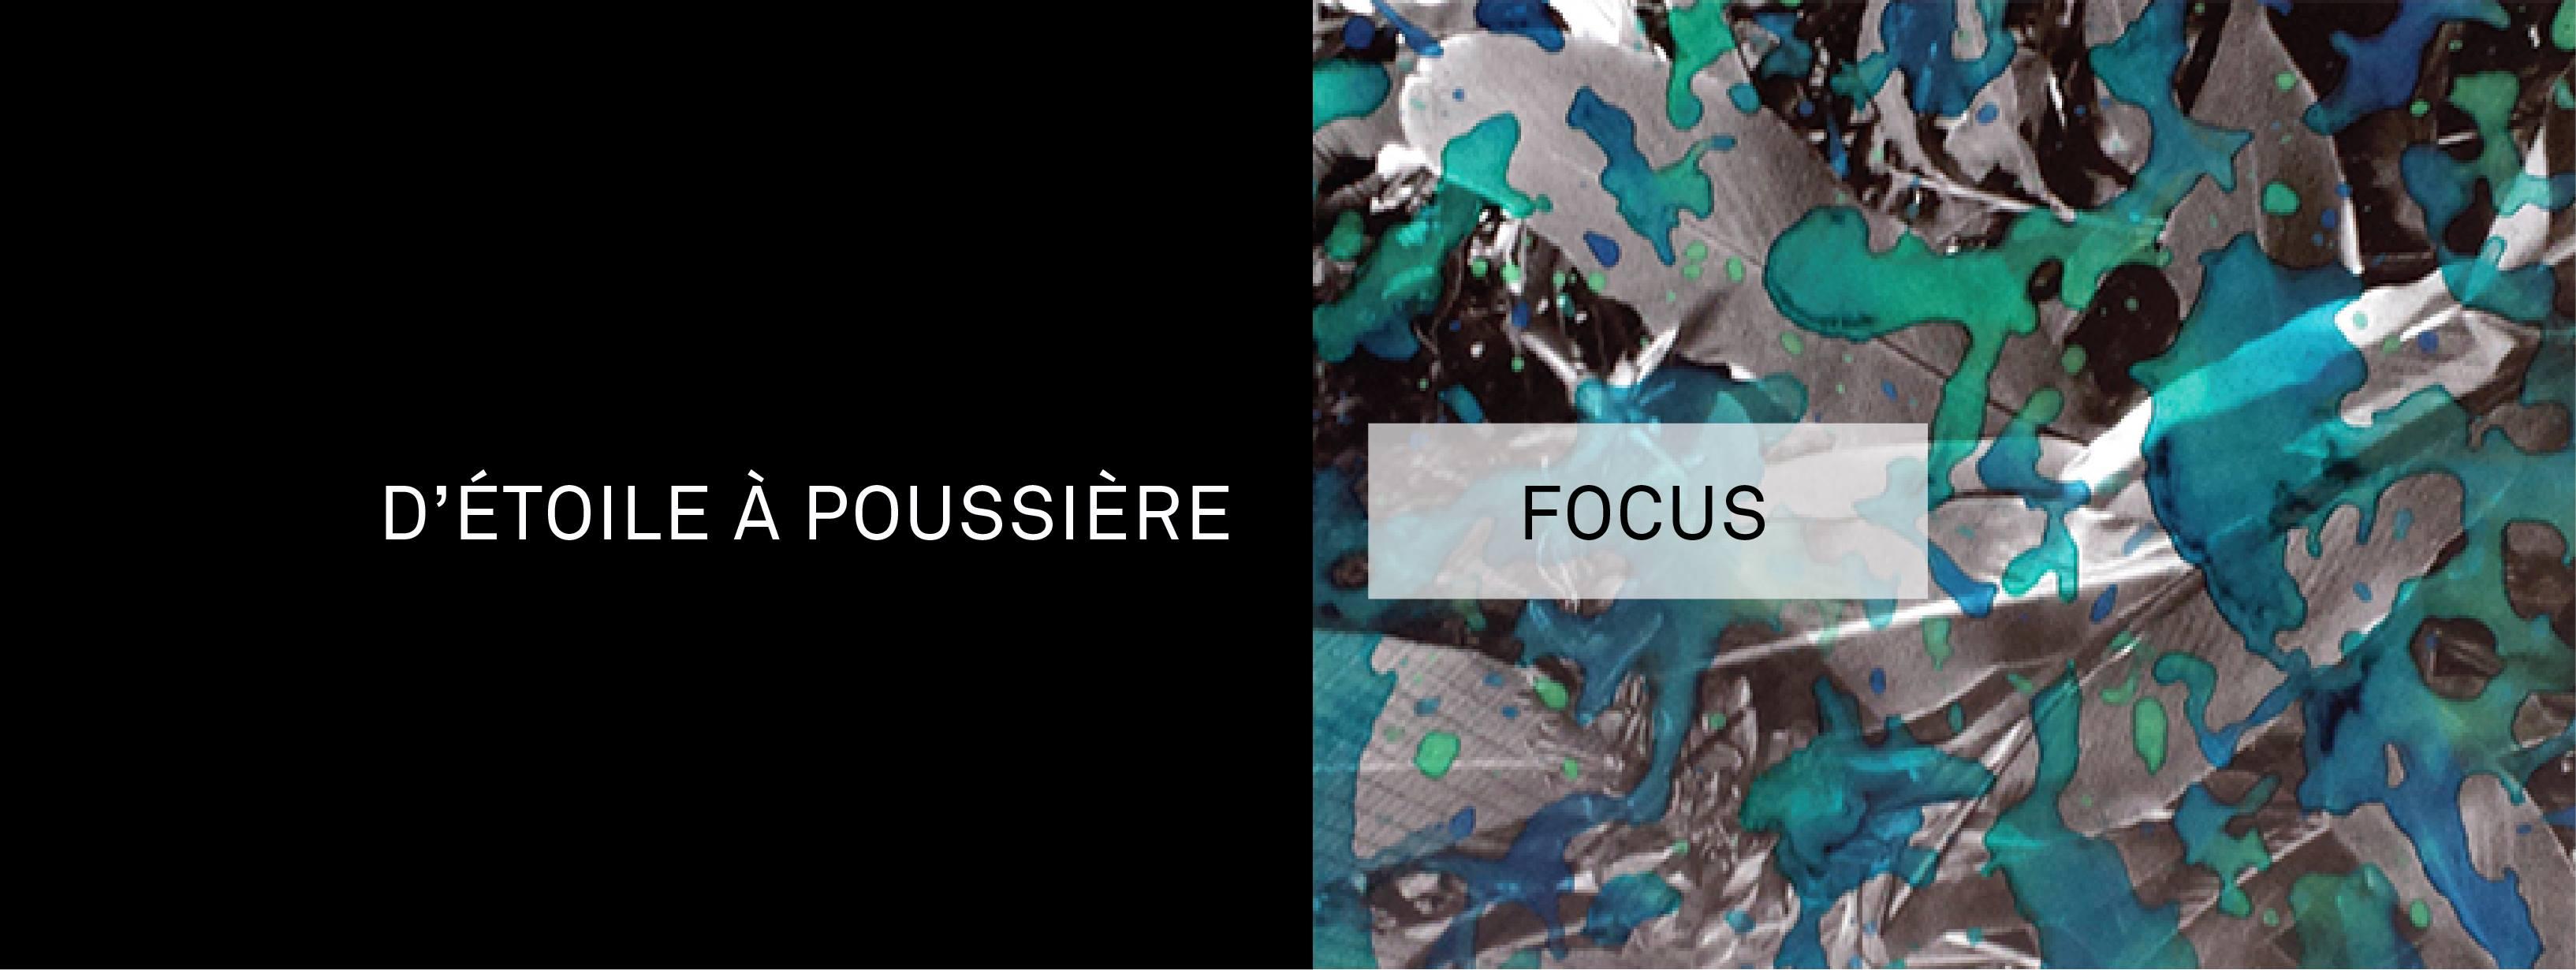 exposition étoile à poussière focus galerie anne claire simon artistikrezo paris